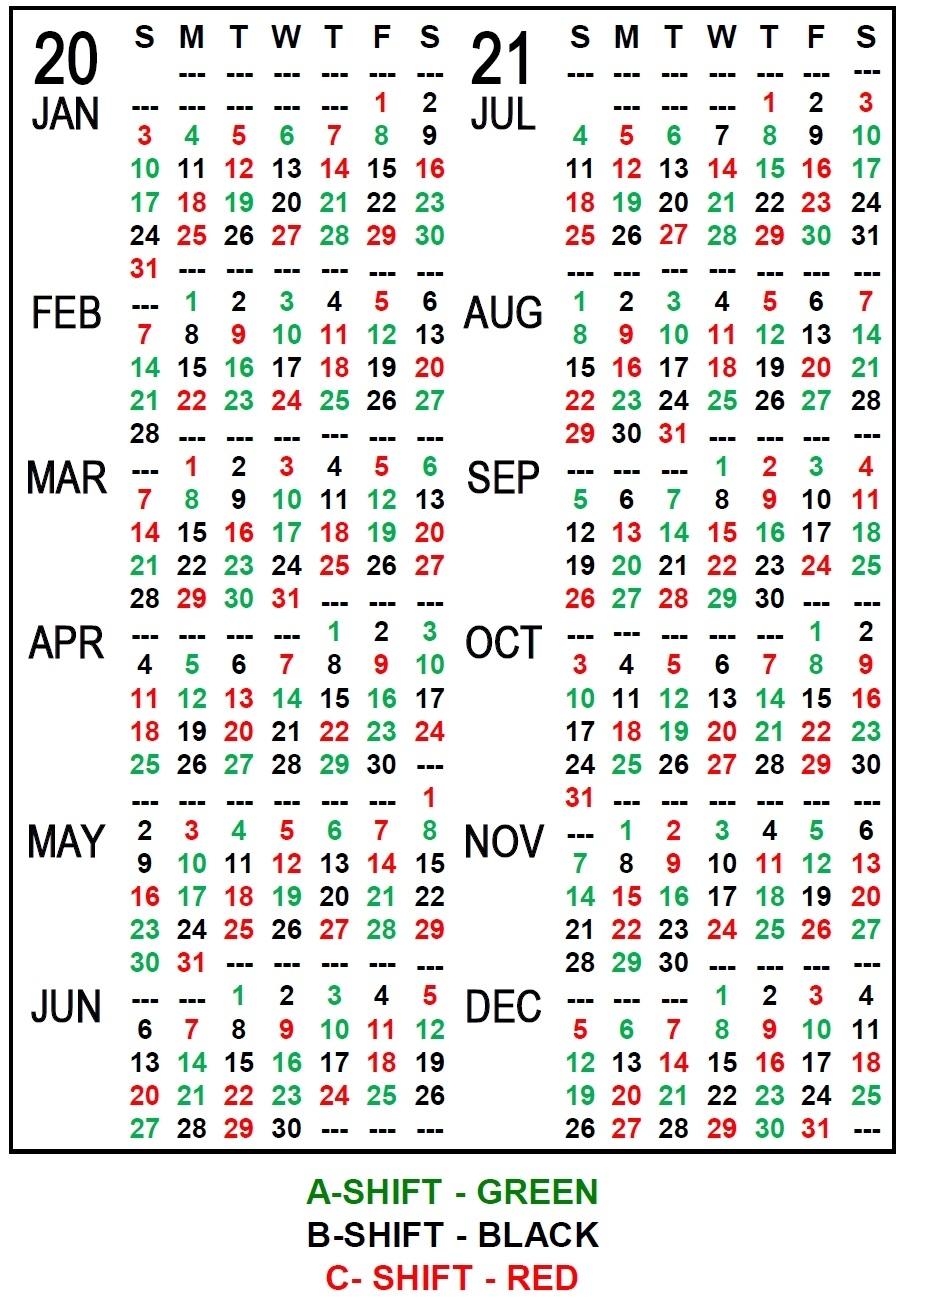 Catch Fire Department Calendar 24/48 Shift